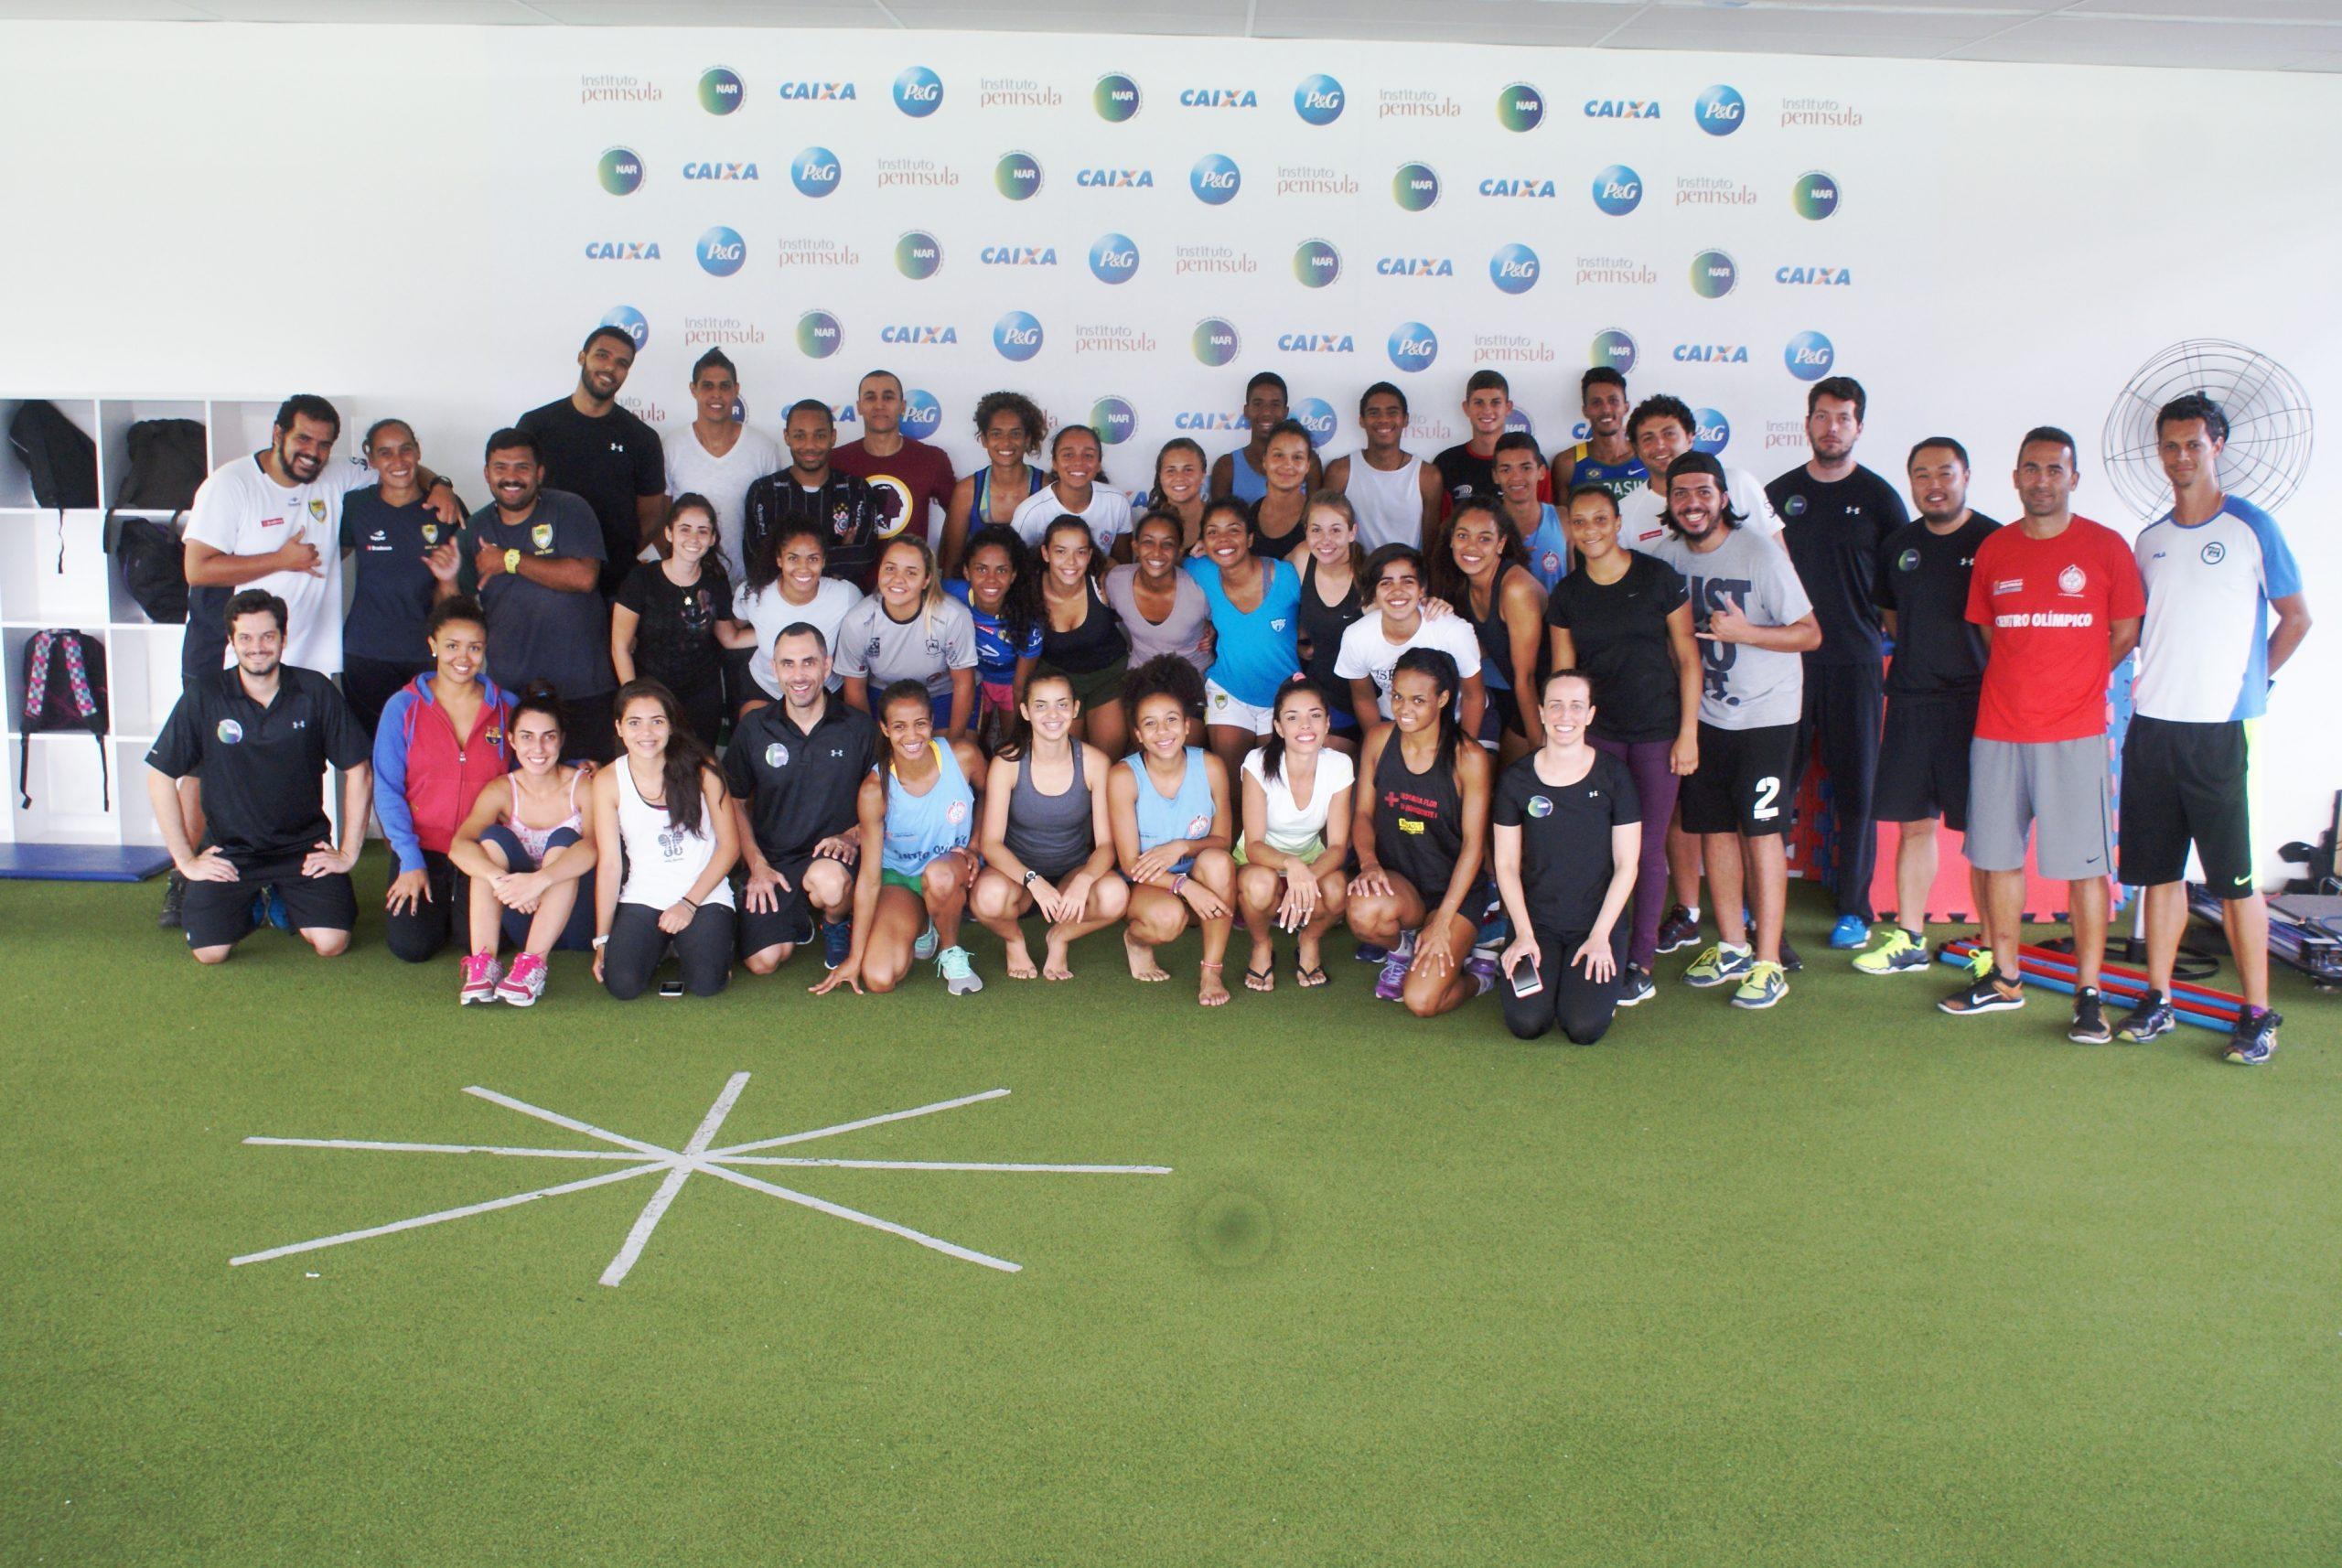 NAR foca no desenvolvimento do jovem atleta brasileiro trabalhando com Seleção Juvenil Paulista Feminina de rugby